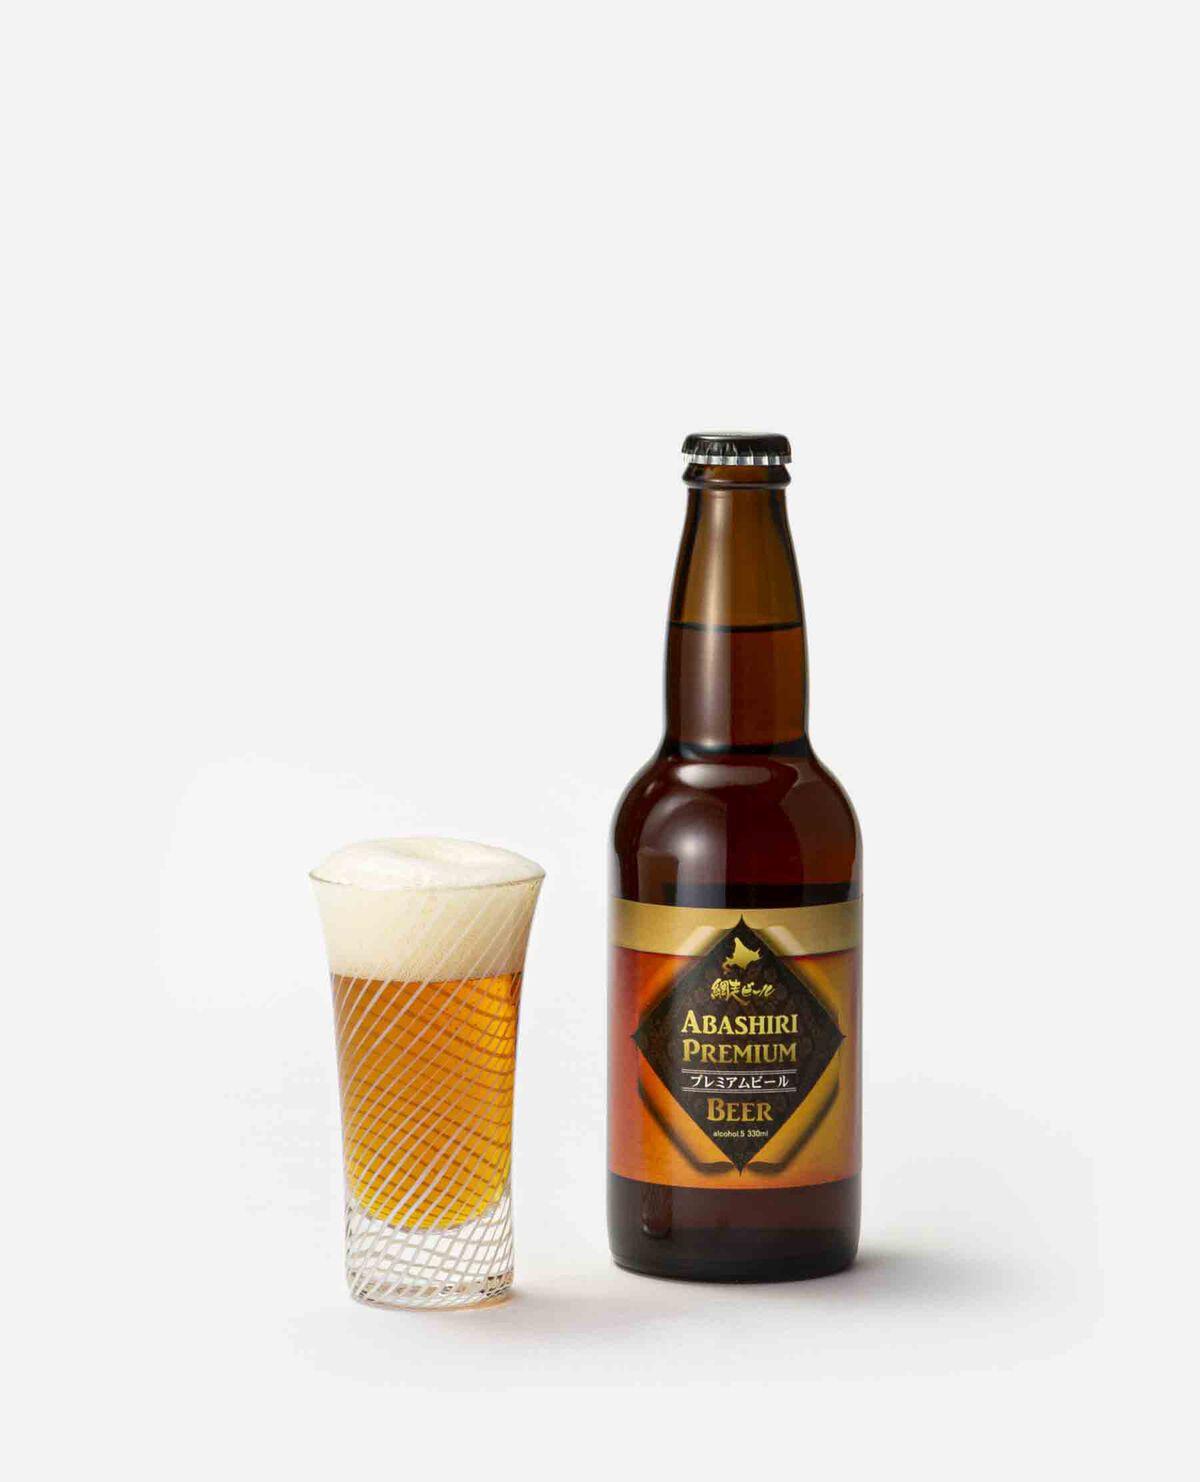 網走ビール 発泡酒・ビール6本セット